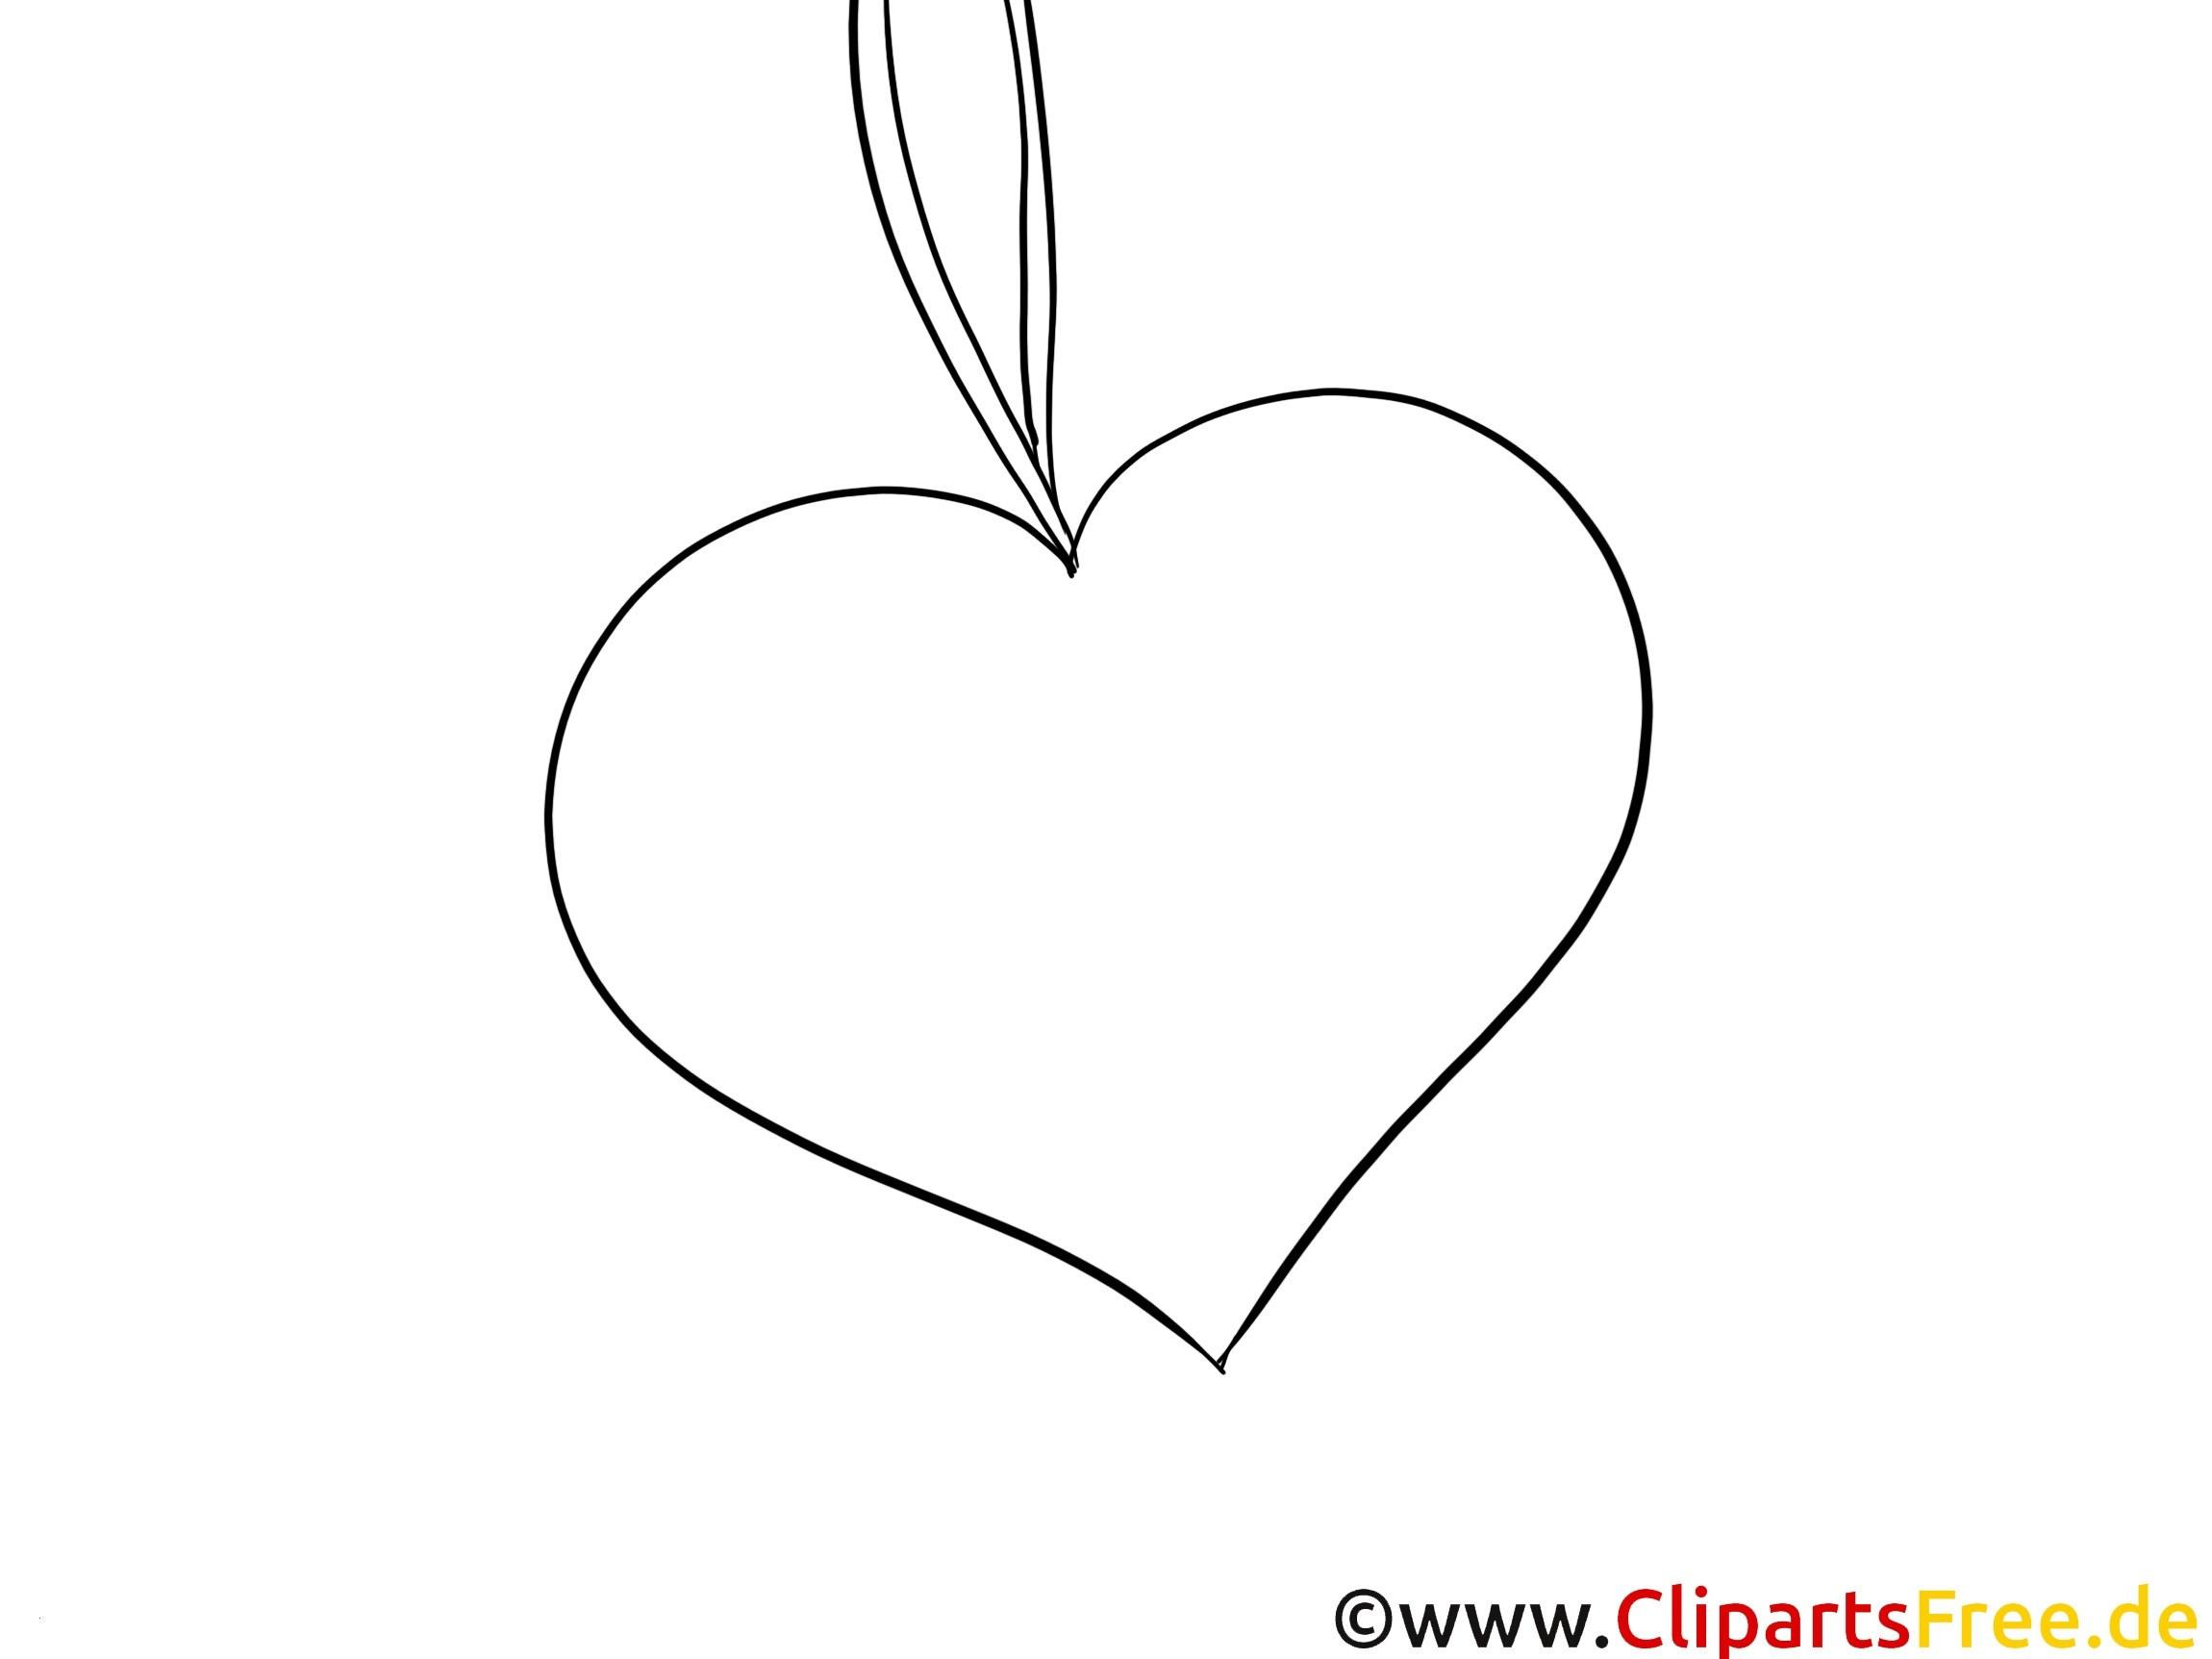 Herzen Zum Ausmalen Genial 40 Herz Malvorlagen Scoredatscore Schön Herz Ausmalbilder Beste Bilder